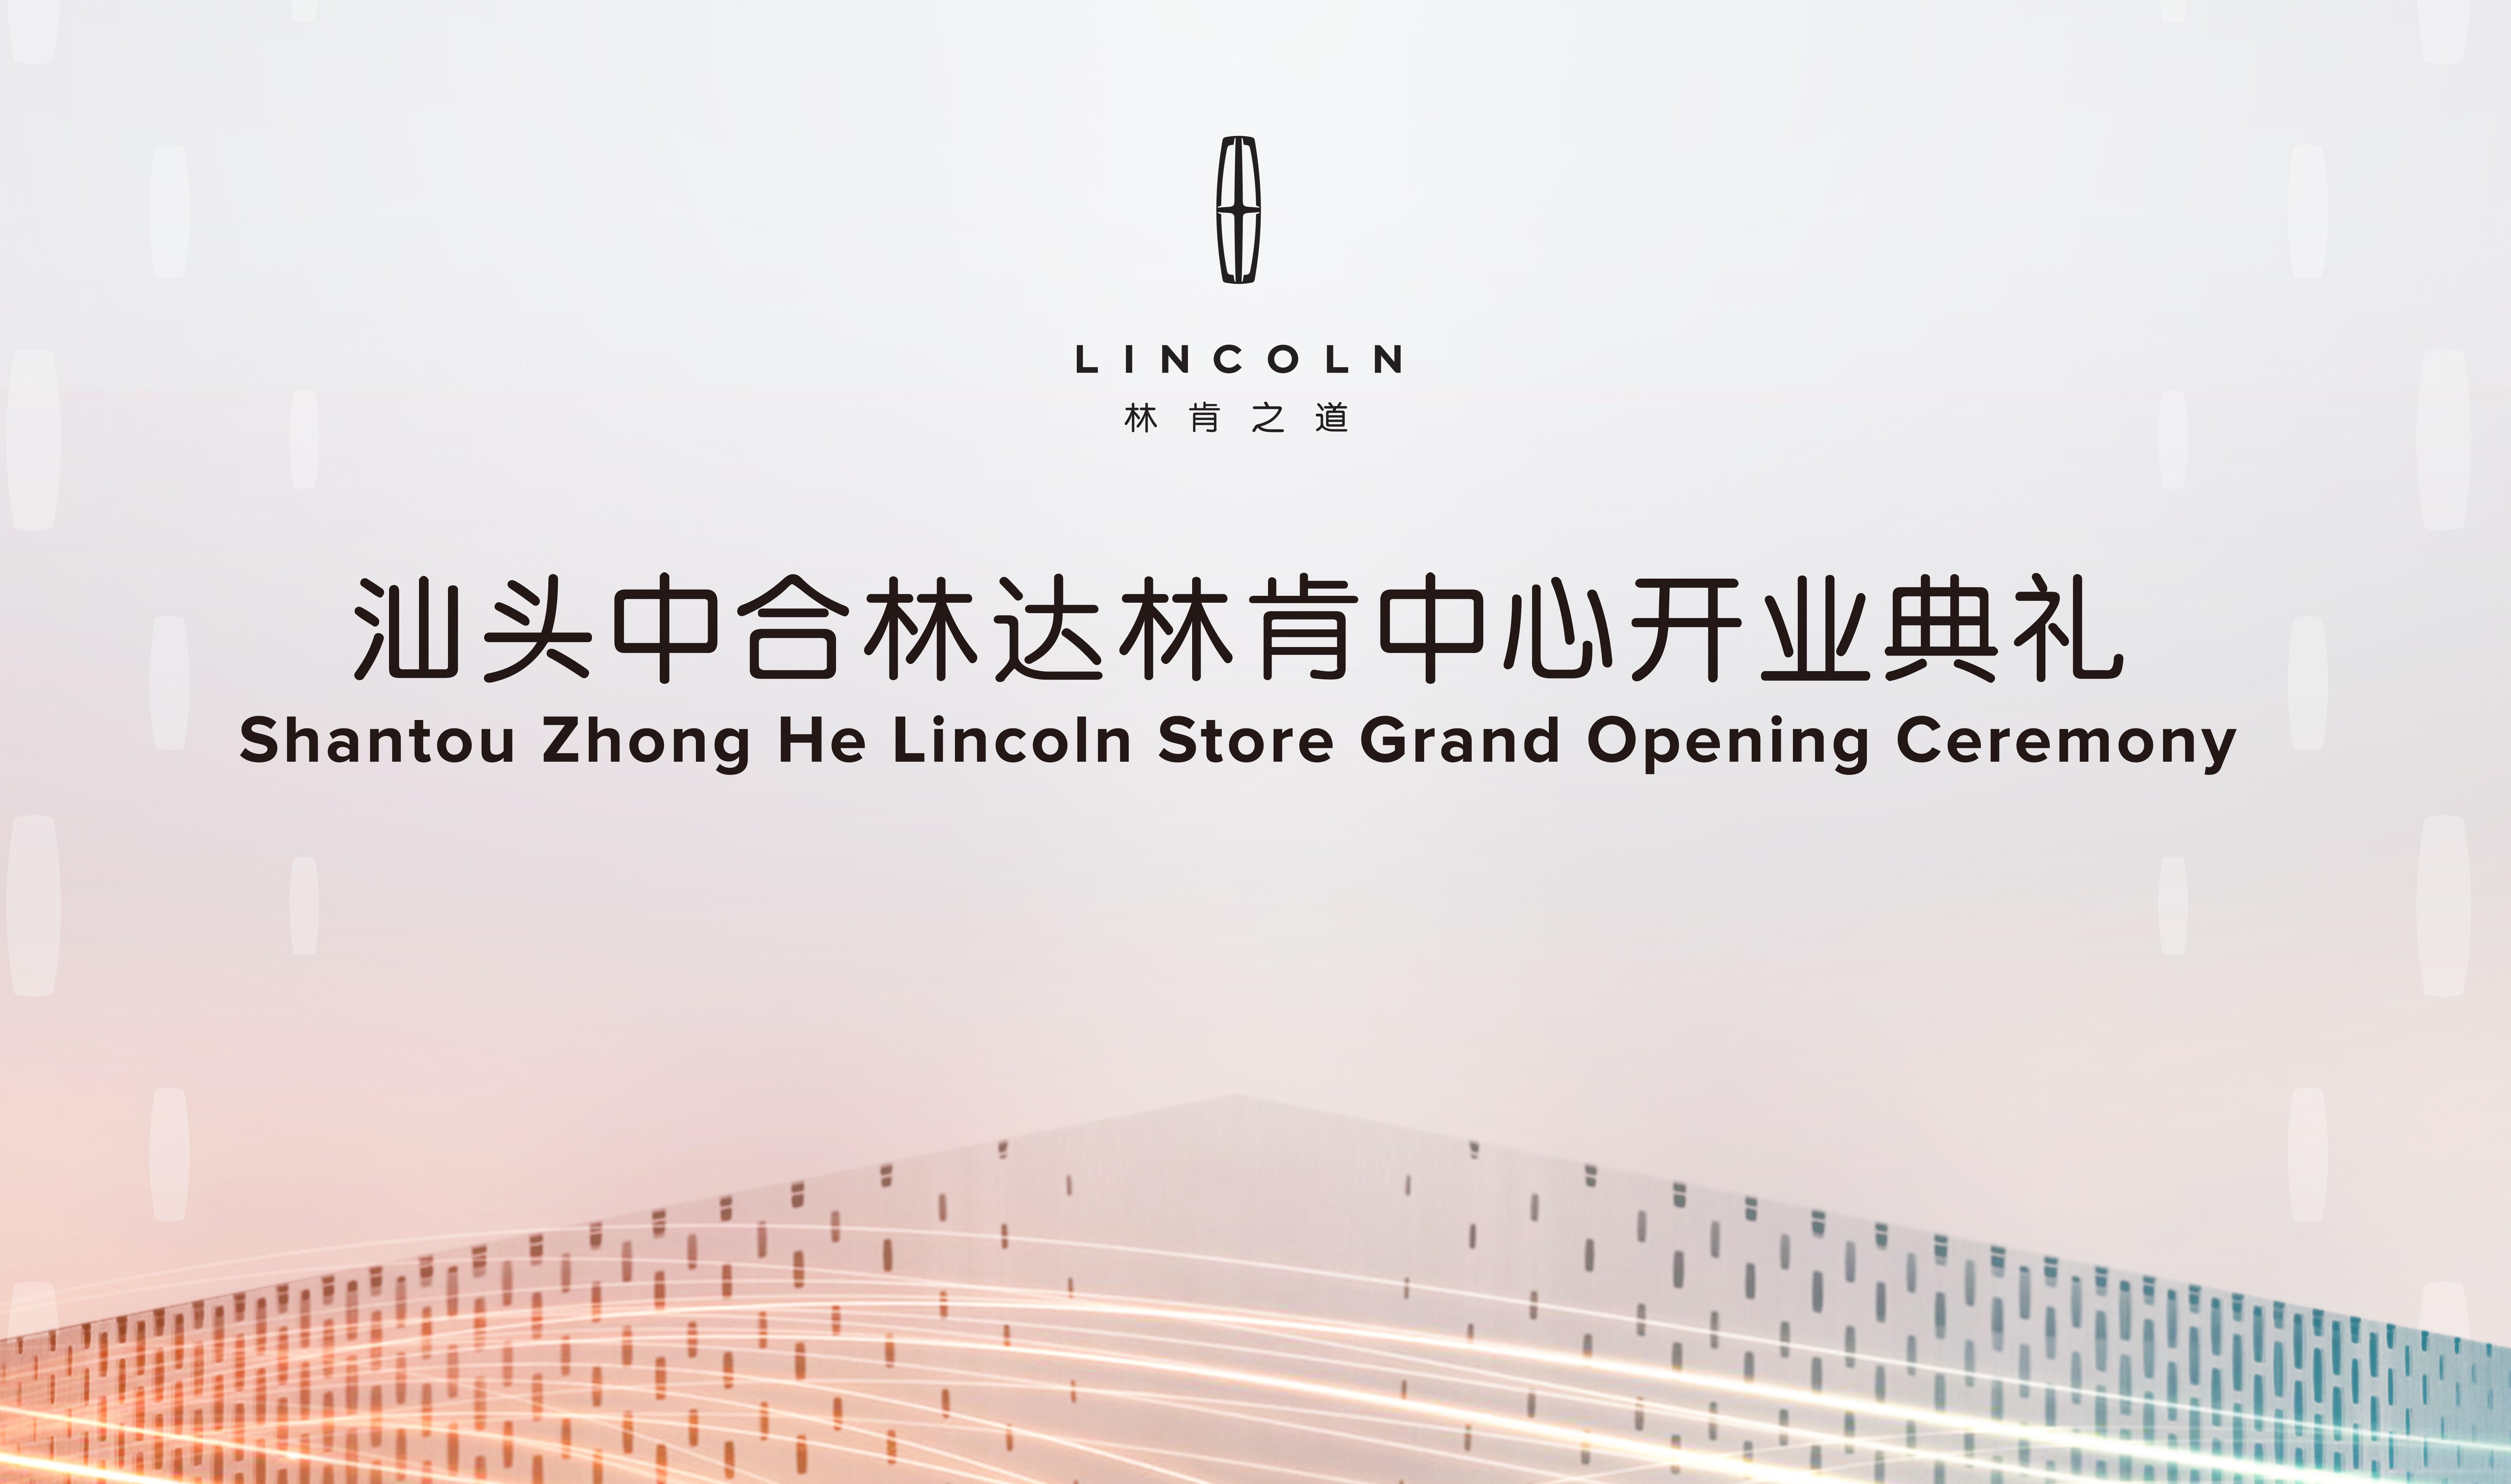 汕头中合林达林肯中心开业典礼